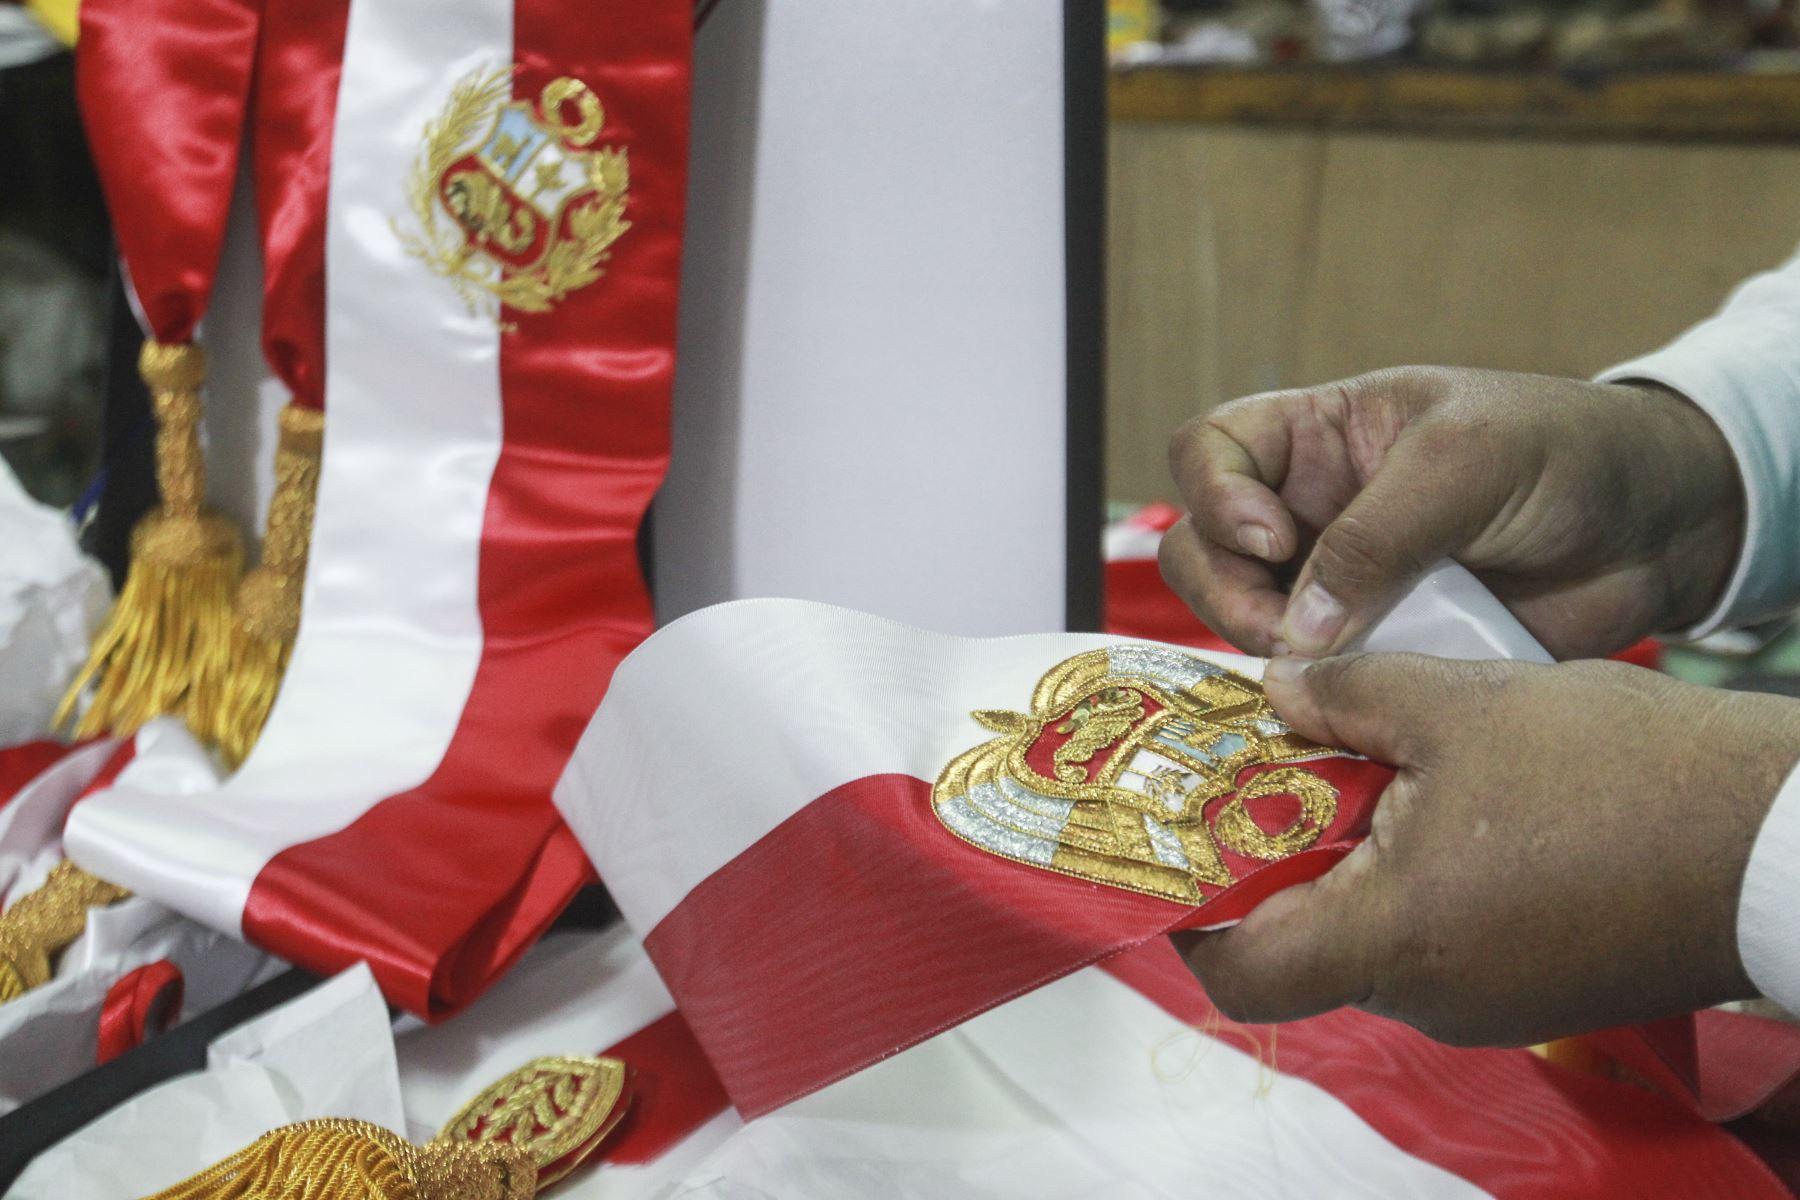 Este 28 de julio, durante la asunción del mando, el presidente electo Pedro Castillo Terrones tendrá colocada sobre su pecho la banda presidencial, símbolo del mandato que asumirá para gobernar el Perú en el próximo quinquenio. Foto: ANDINA/Jhony Laurente